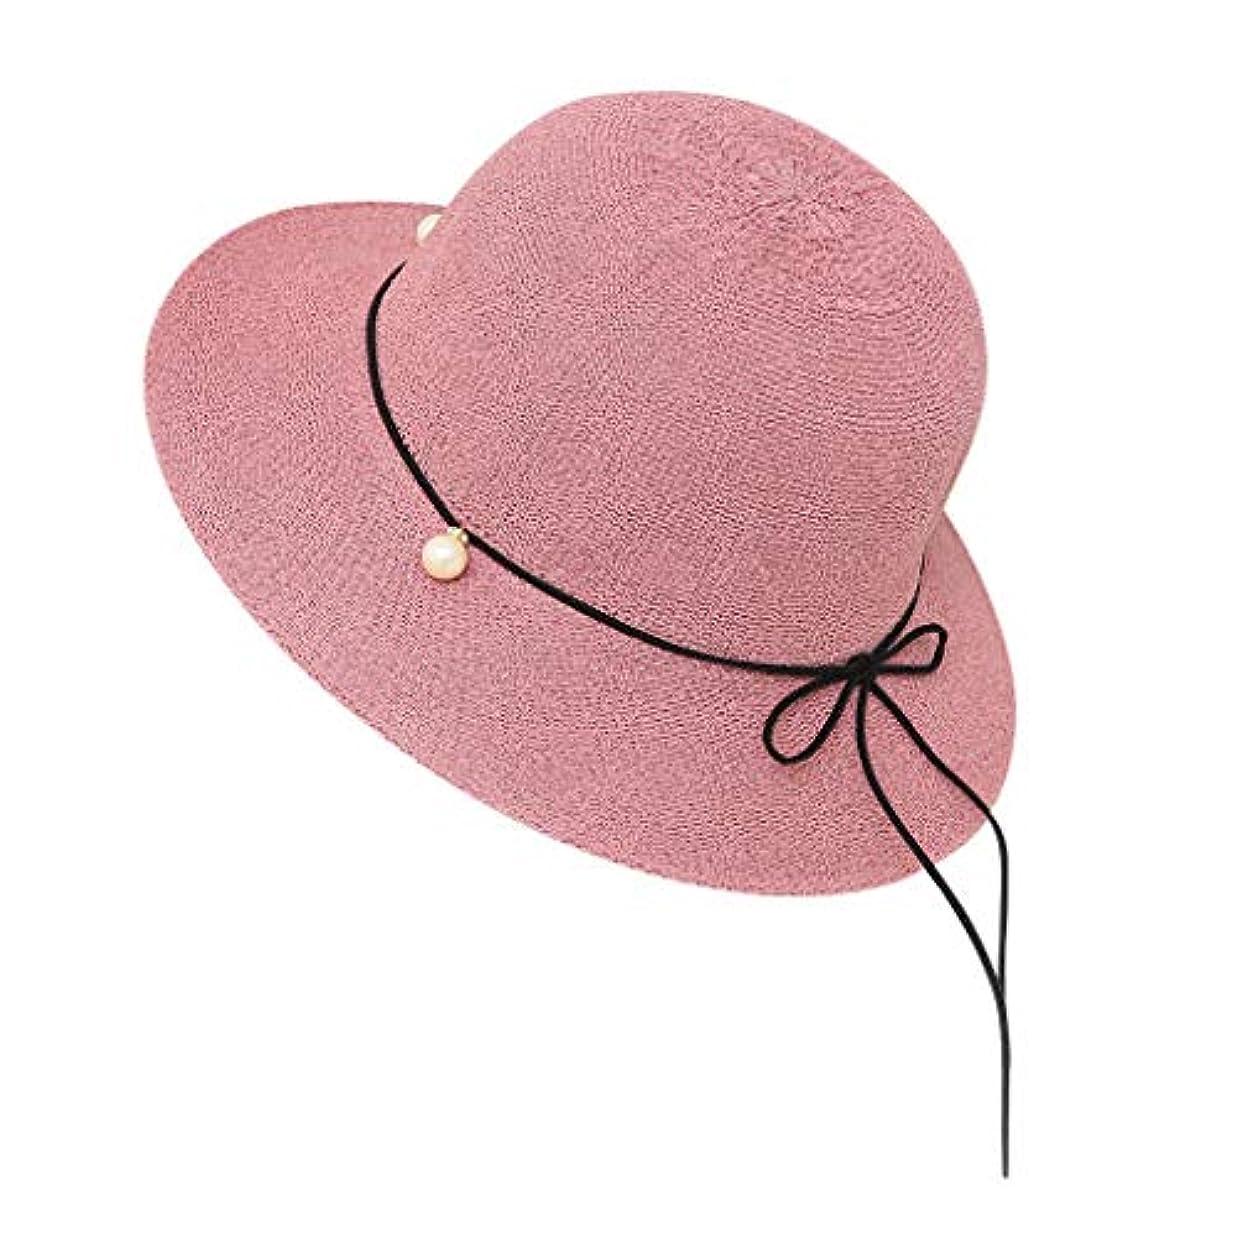 おじいちゃん海外パキスタン帽子 レディース 夏 女性 UVカット 帽子 ハット 漁師帽 つば広 吸汗通気 紫外線対策 大きいサイズ 日焼け防止 サイズ調節 ベレー帽 帽子 レディース ビーチ 海辺 森ガール 女優帽 日よけ ROSE ROMAN